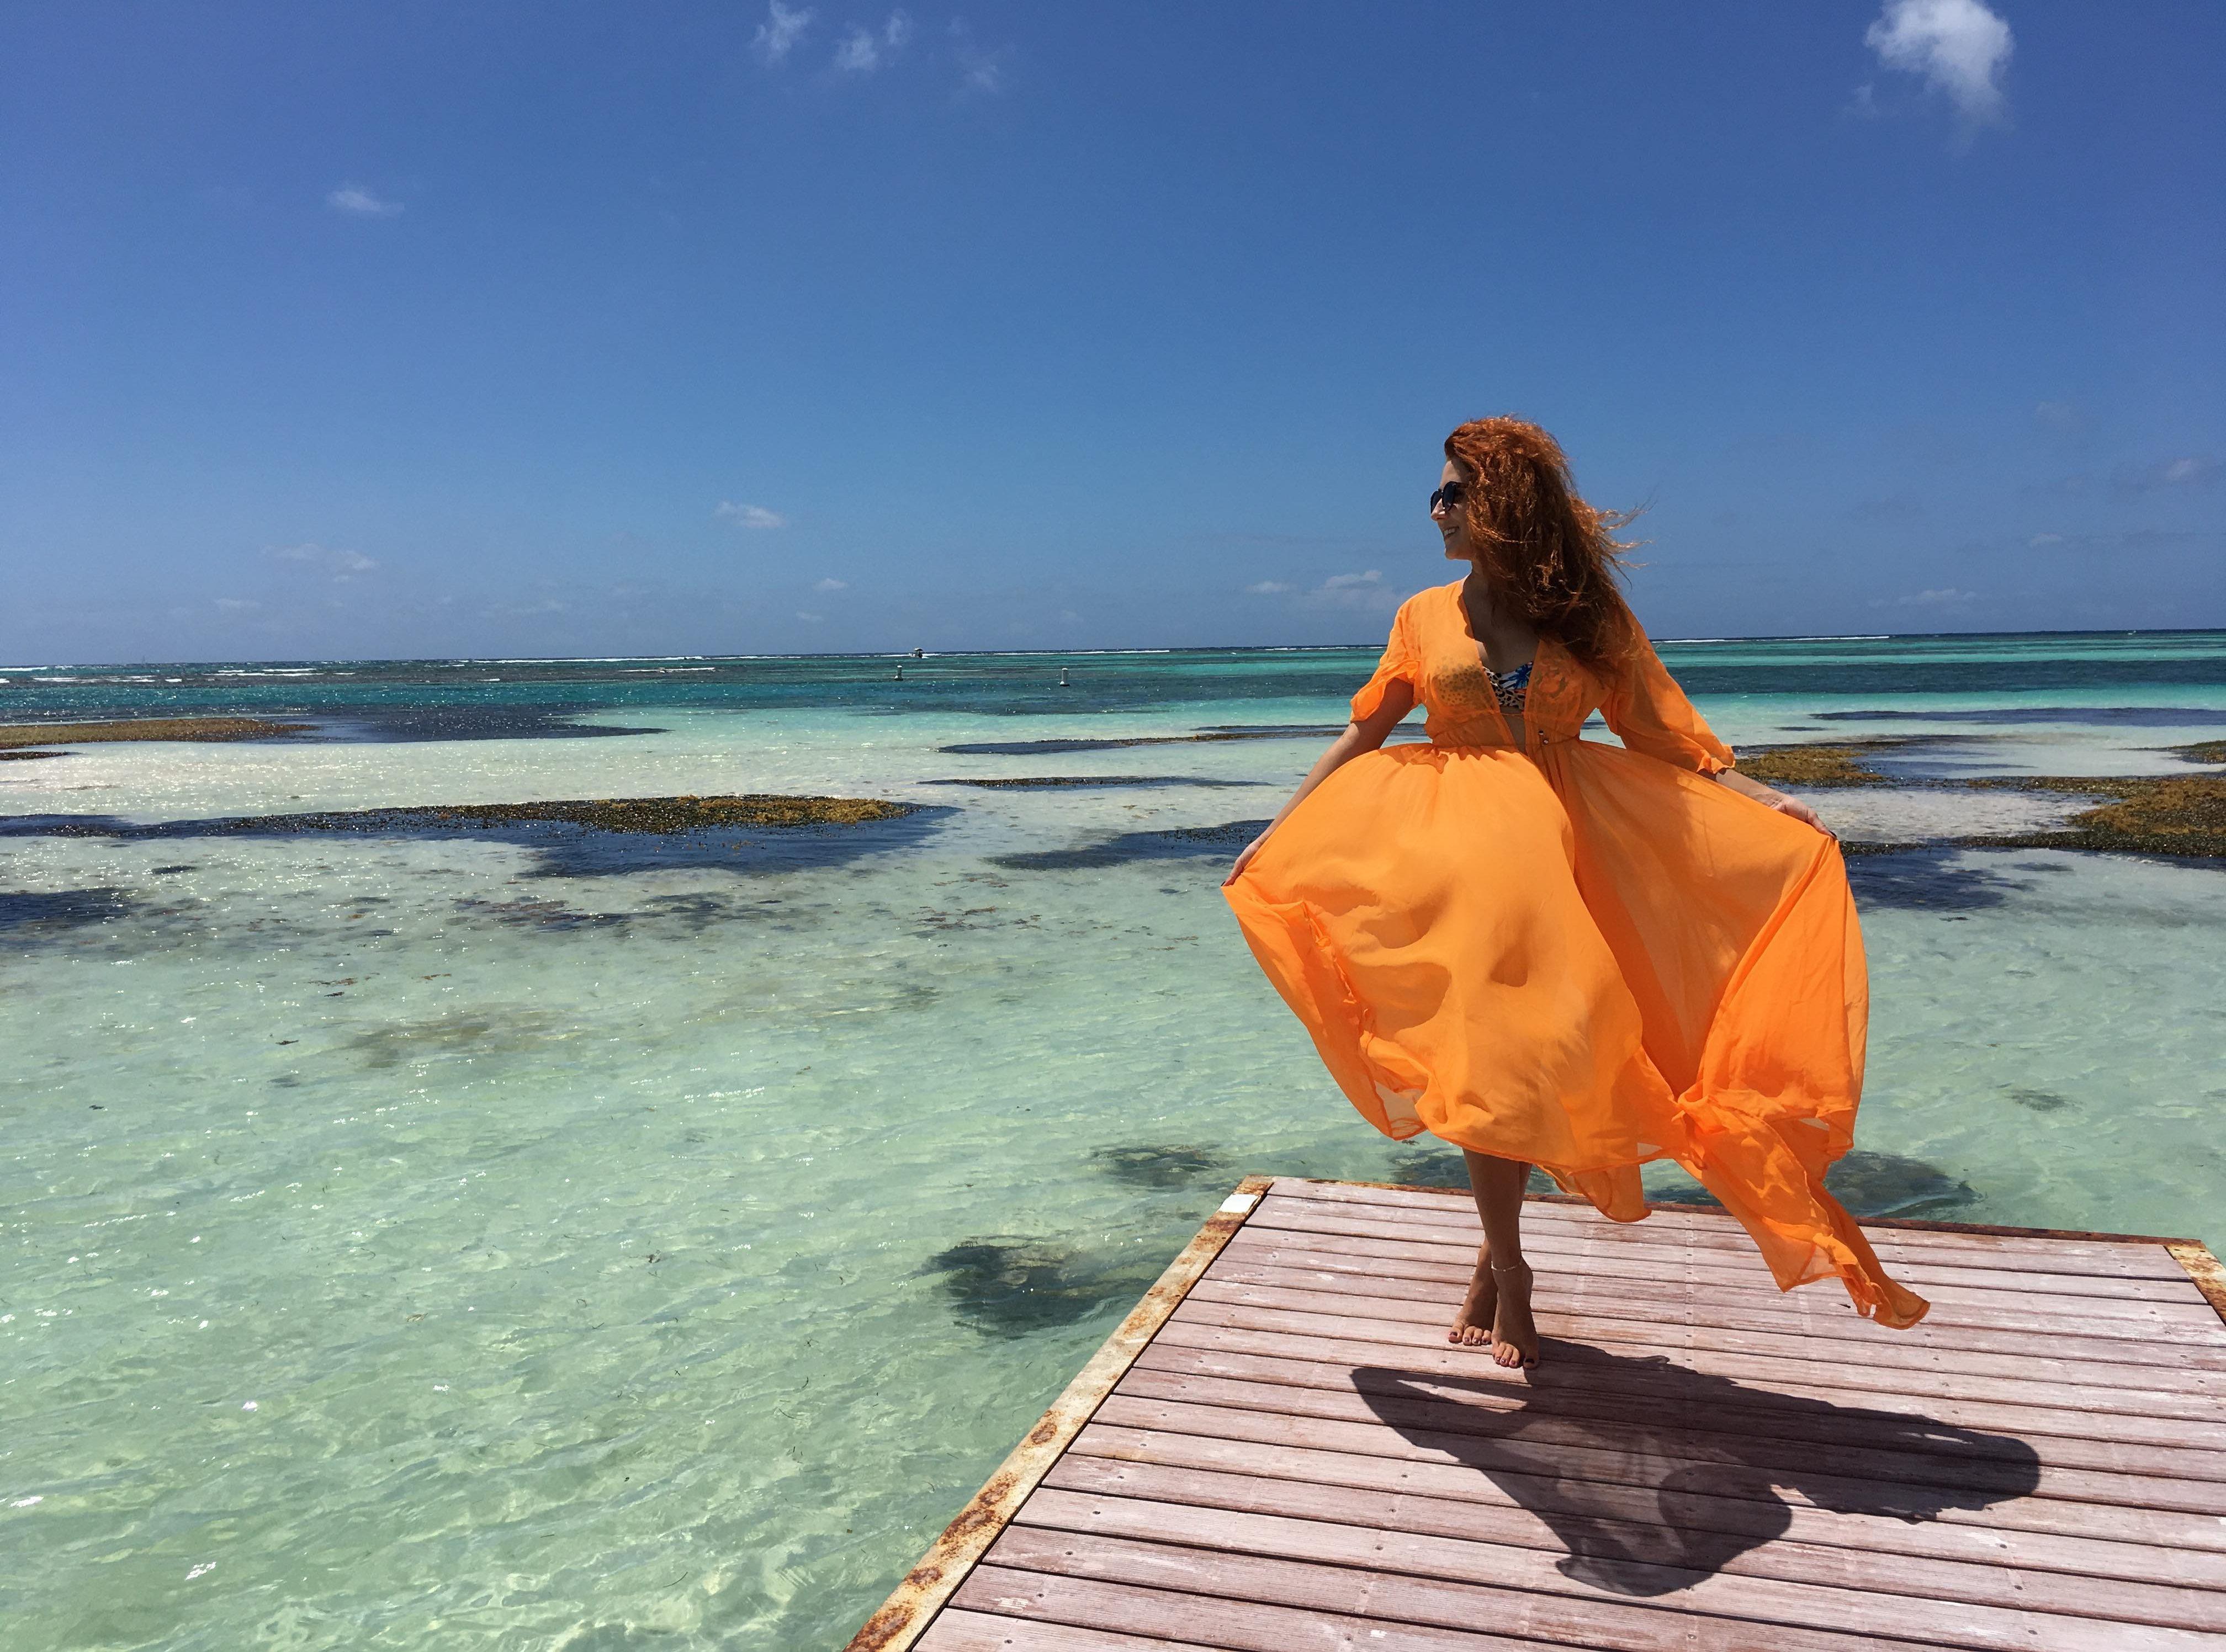 """Интервью. Жизнь в Доминикане: """"Колибри, как воробьи, а вместо голубей – попугаи"""""""